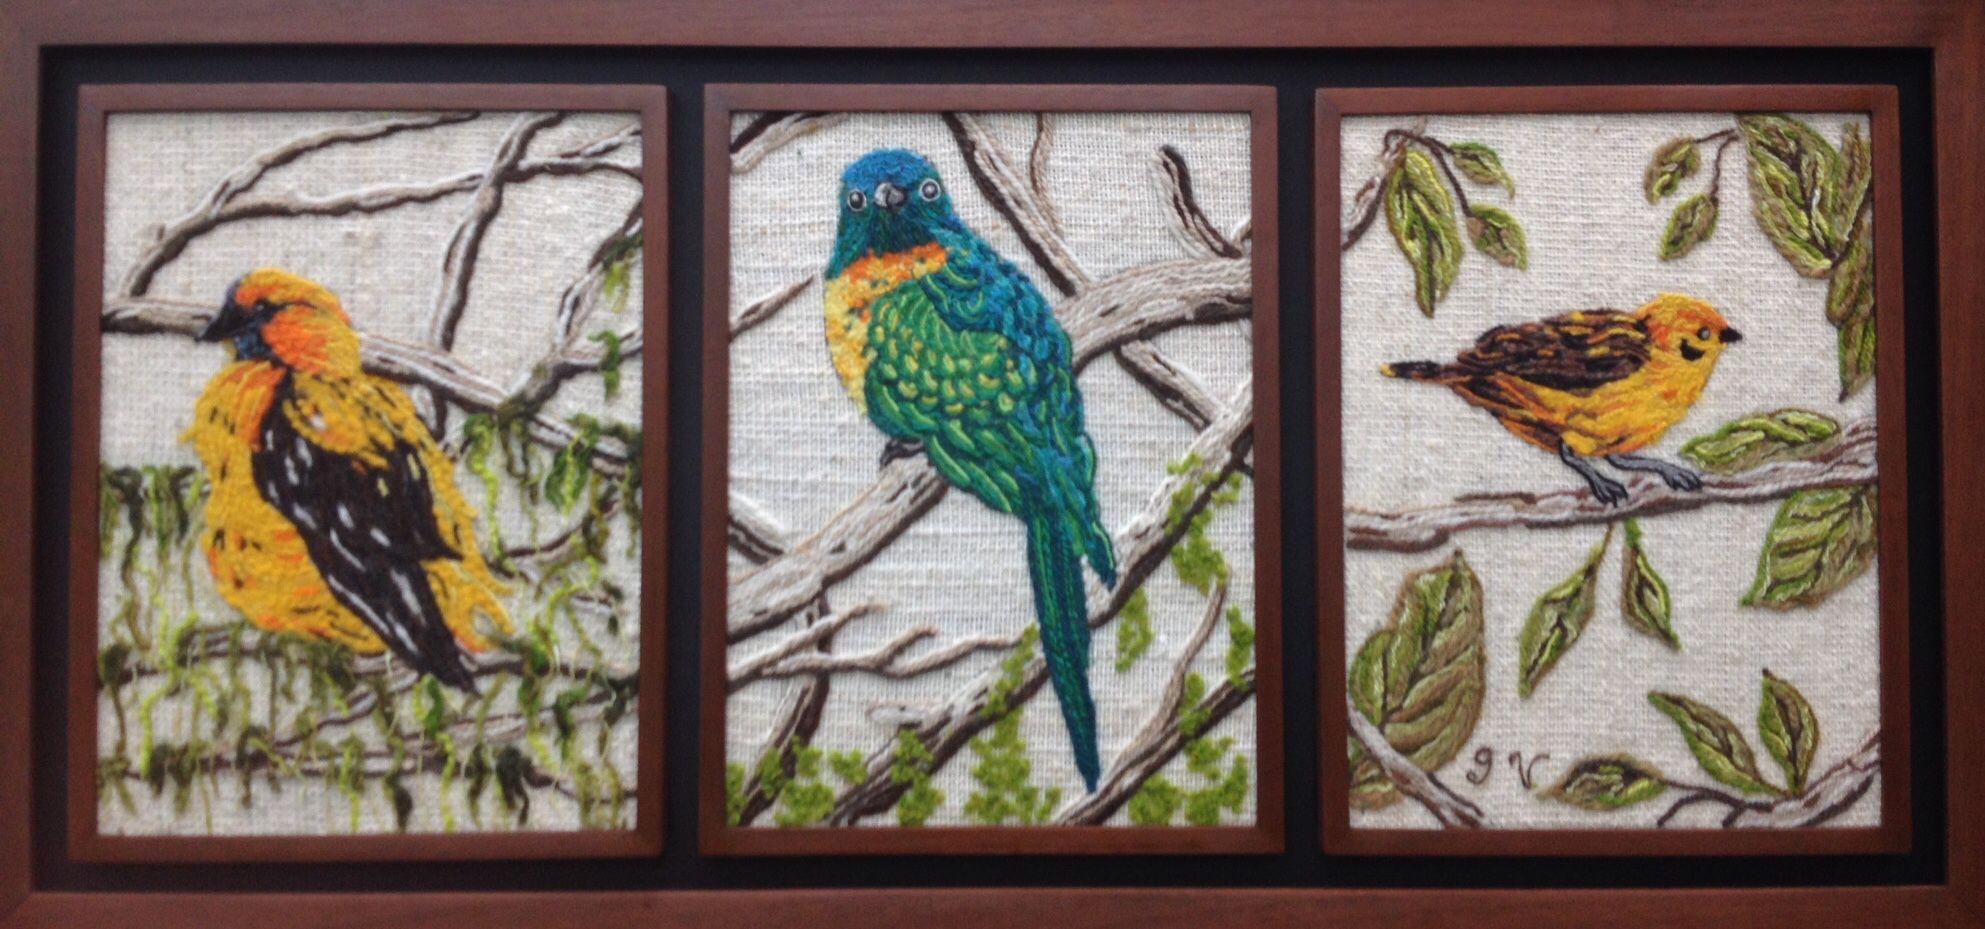 Aves Tríptico por Graciela Vega Del Teller de Collage en Lana